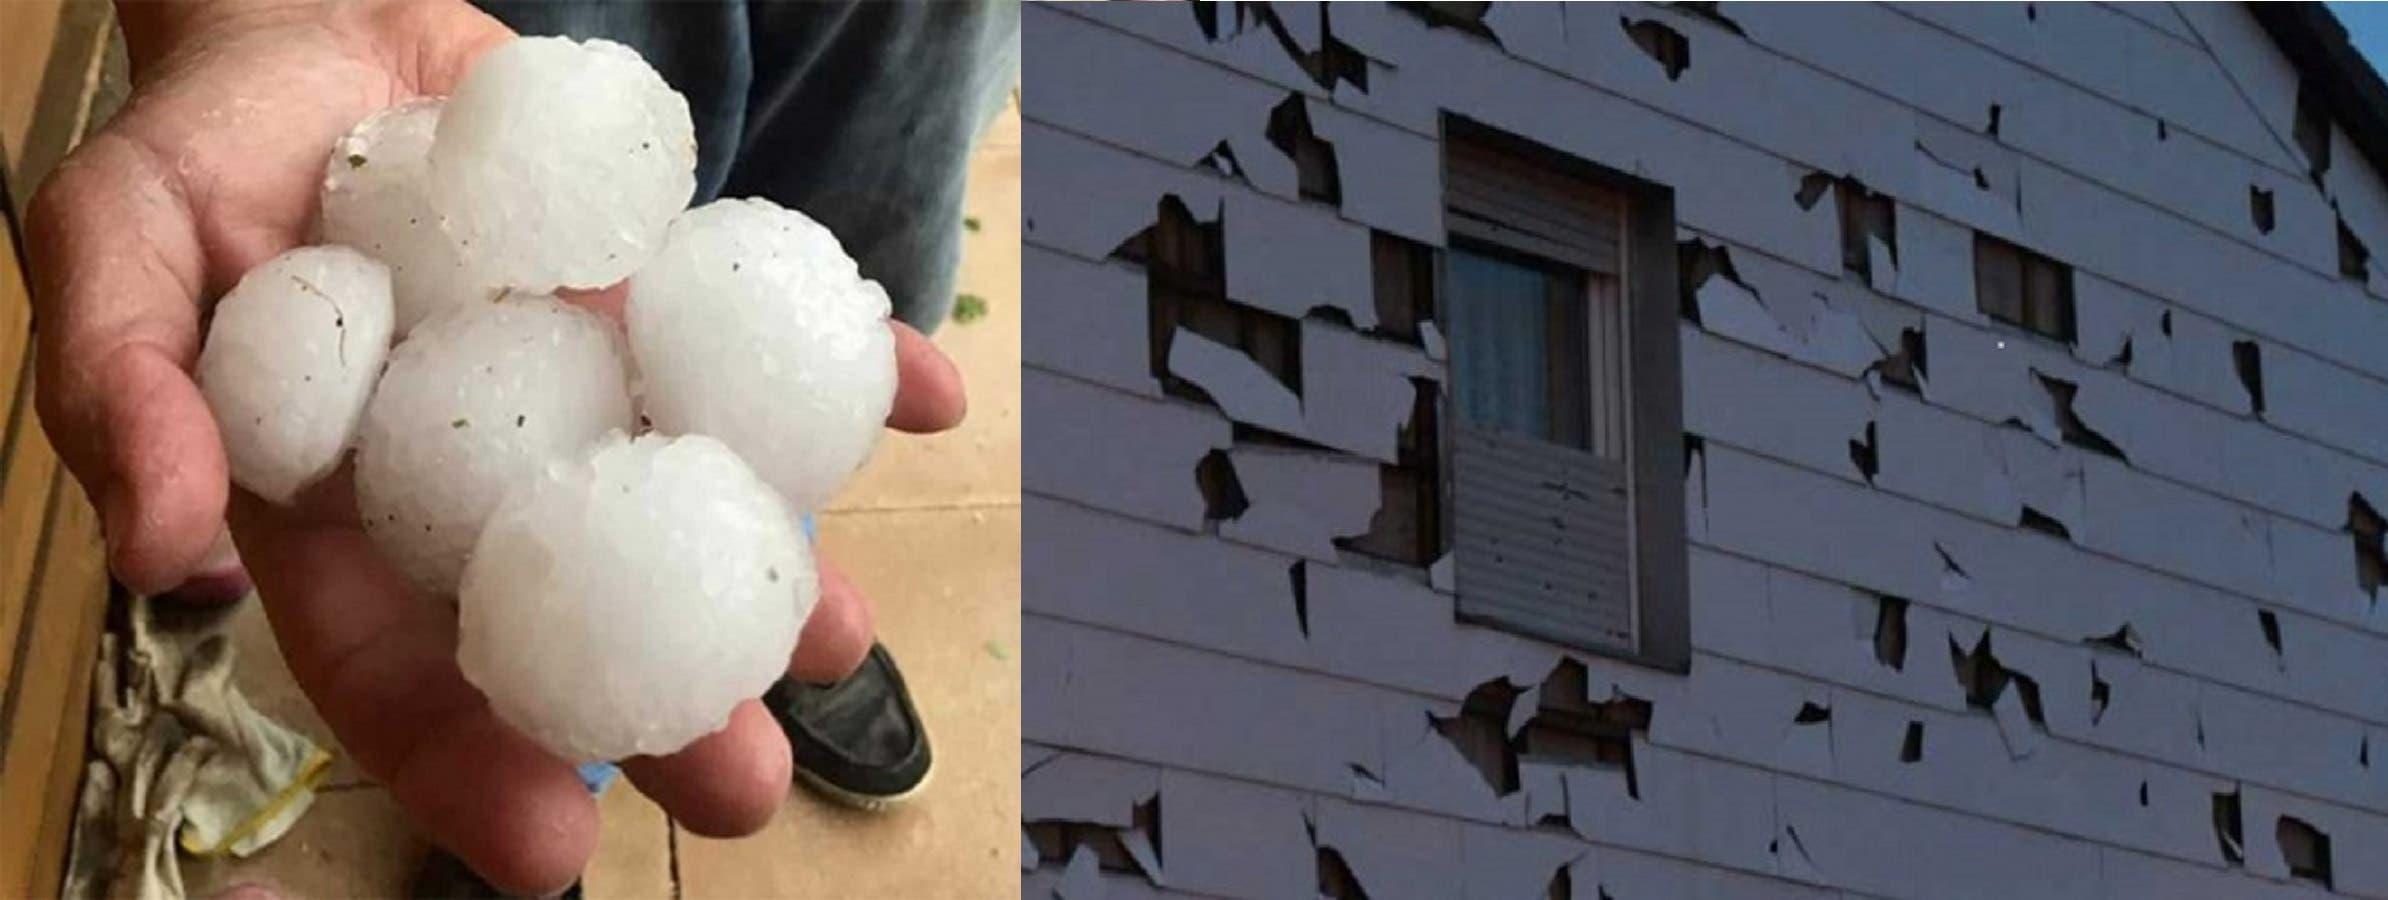 Videos: 'Pelotas' de granizo llueven en Alemania